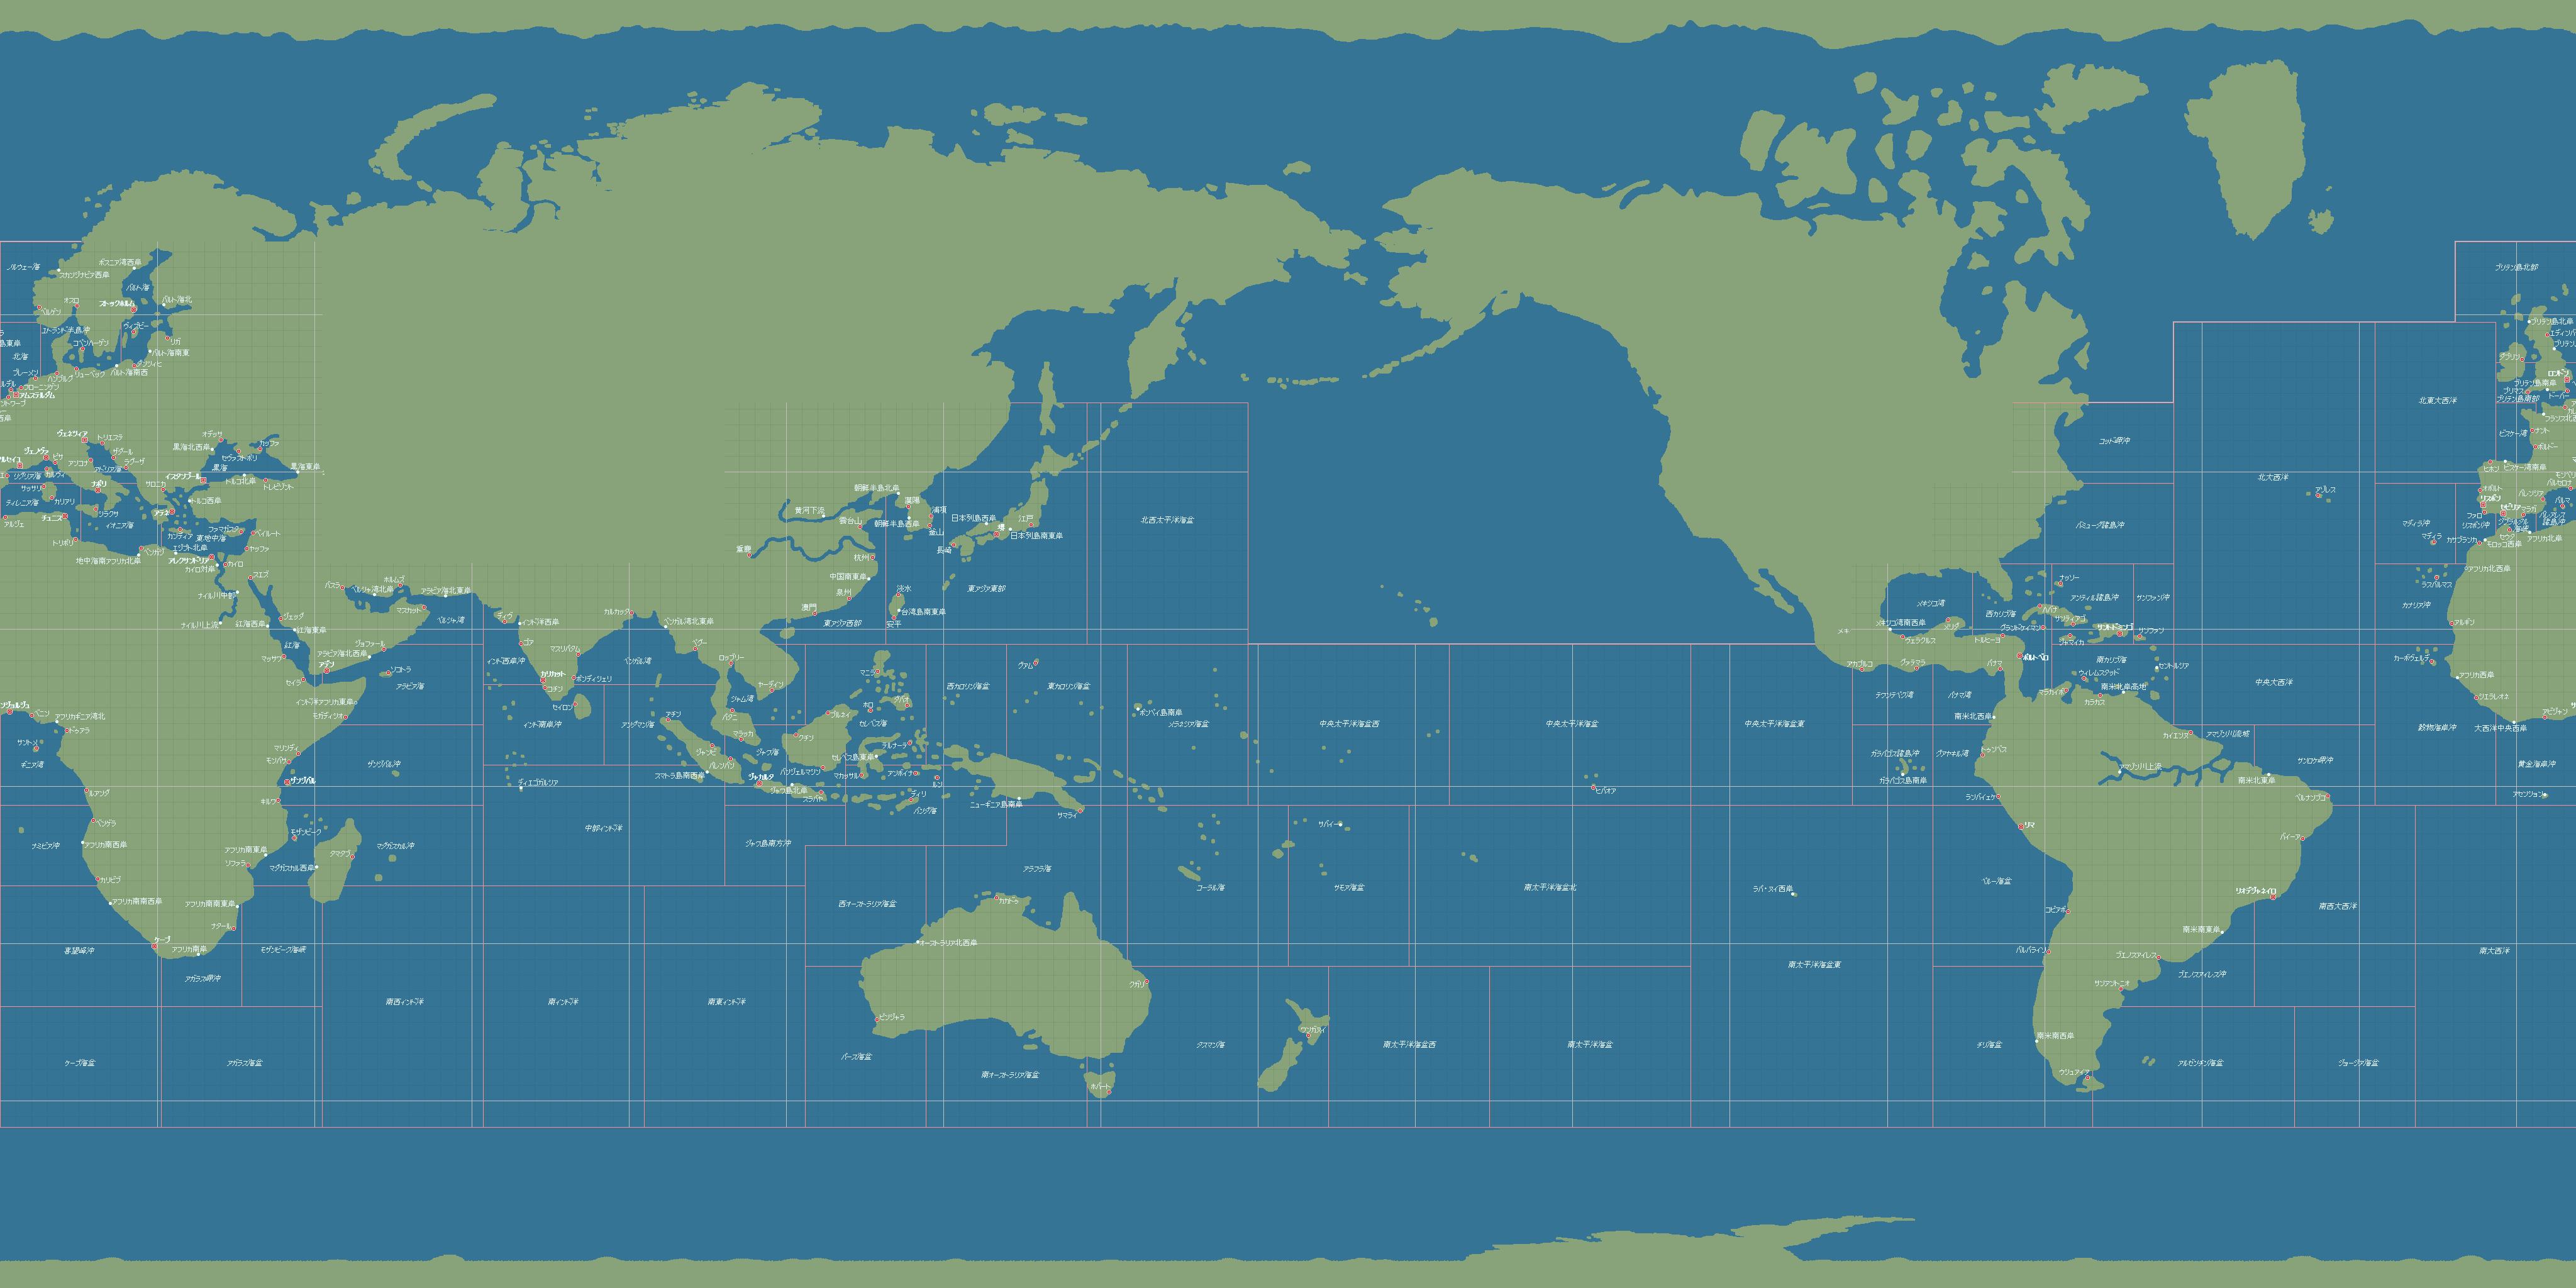 大航海时代 s.c & i.j 夫妻冒险笔记: 东亚地图